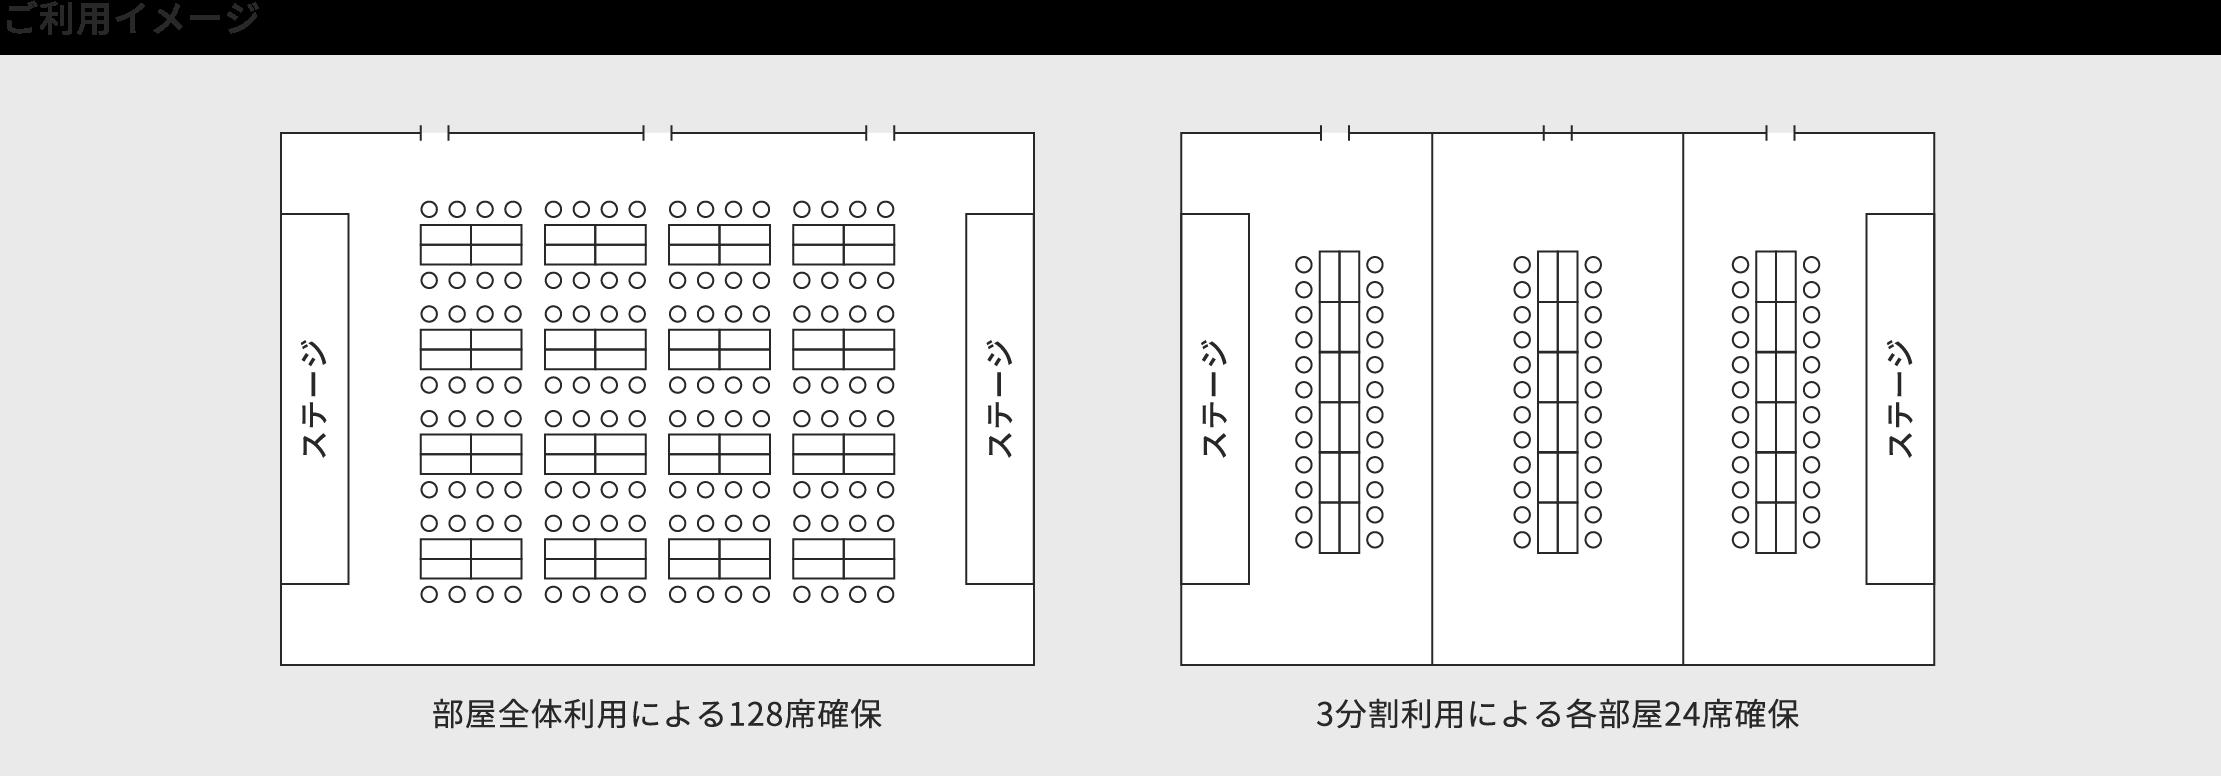 ご利用イメージ 部屋全体利用による128席確保 3分割利用による各部屋24席確保